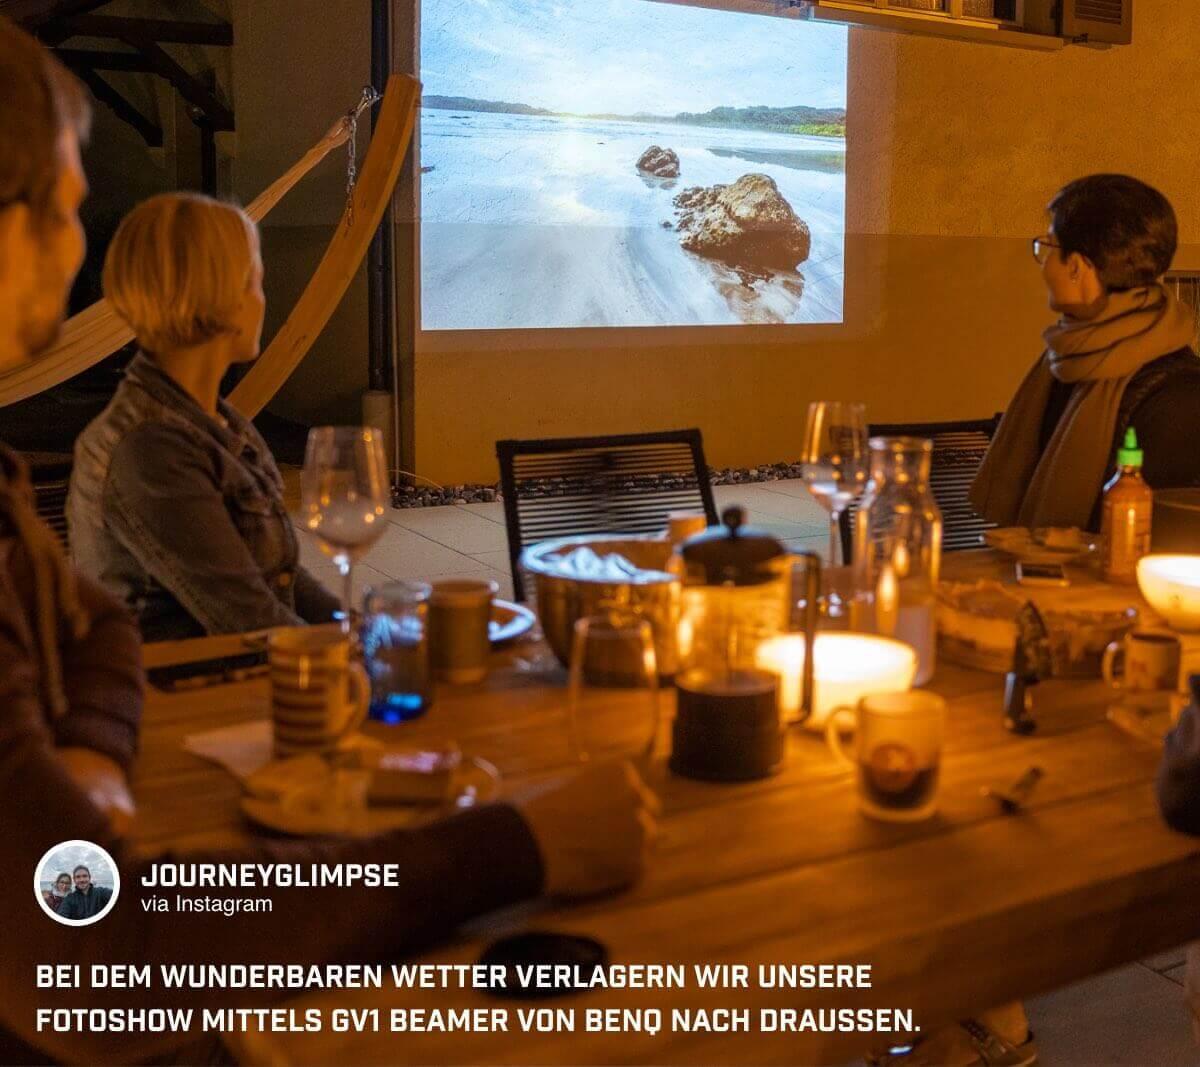 @journeyglimpse genießt Fotoshows im Freien dank des portablen Mini Beamers